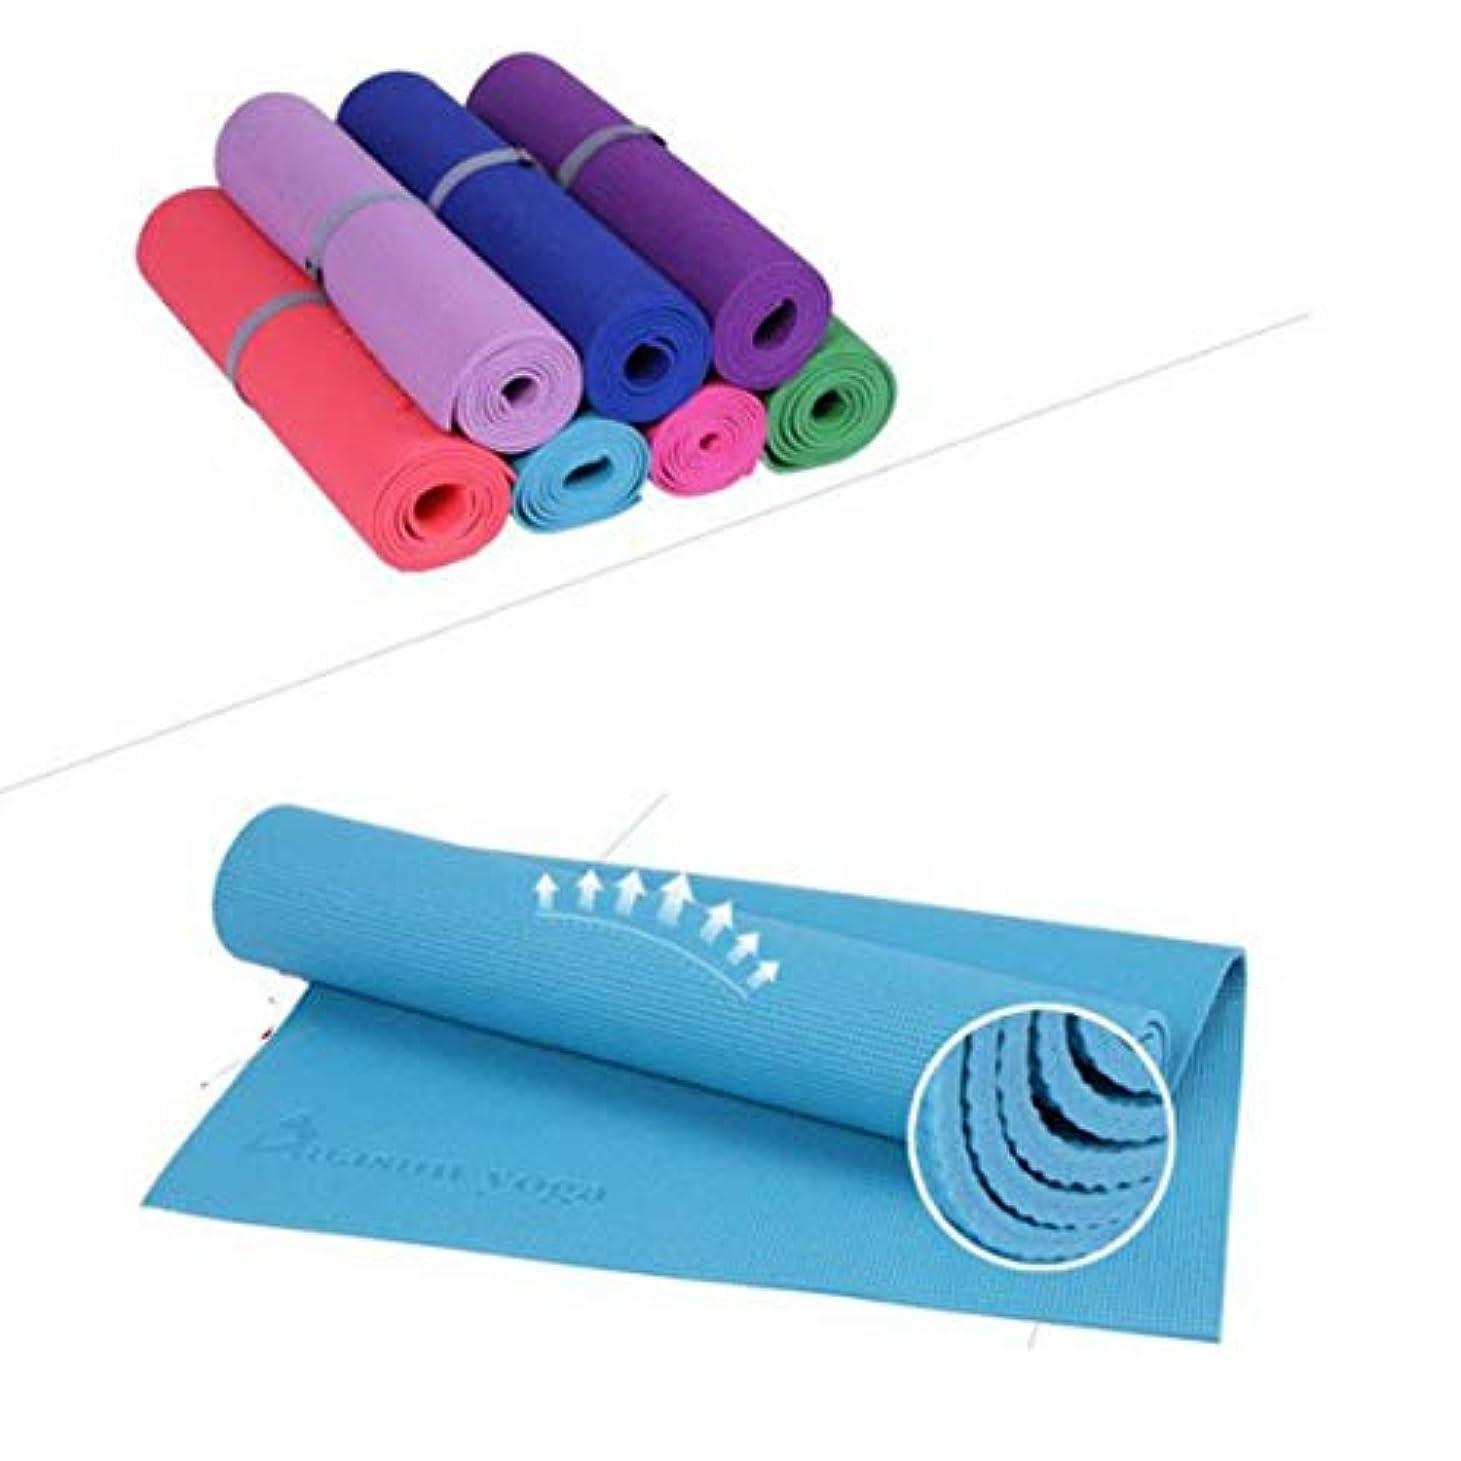 閉塞リズミカルな箱PVCヨガマットフローラルプリントヨガマット滑り止め通気性グッドグリップパッドエクササイズフィットネスパッド厚さ6mm